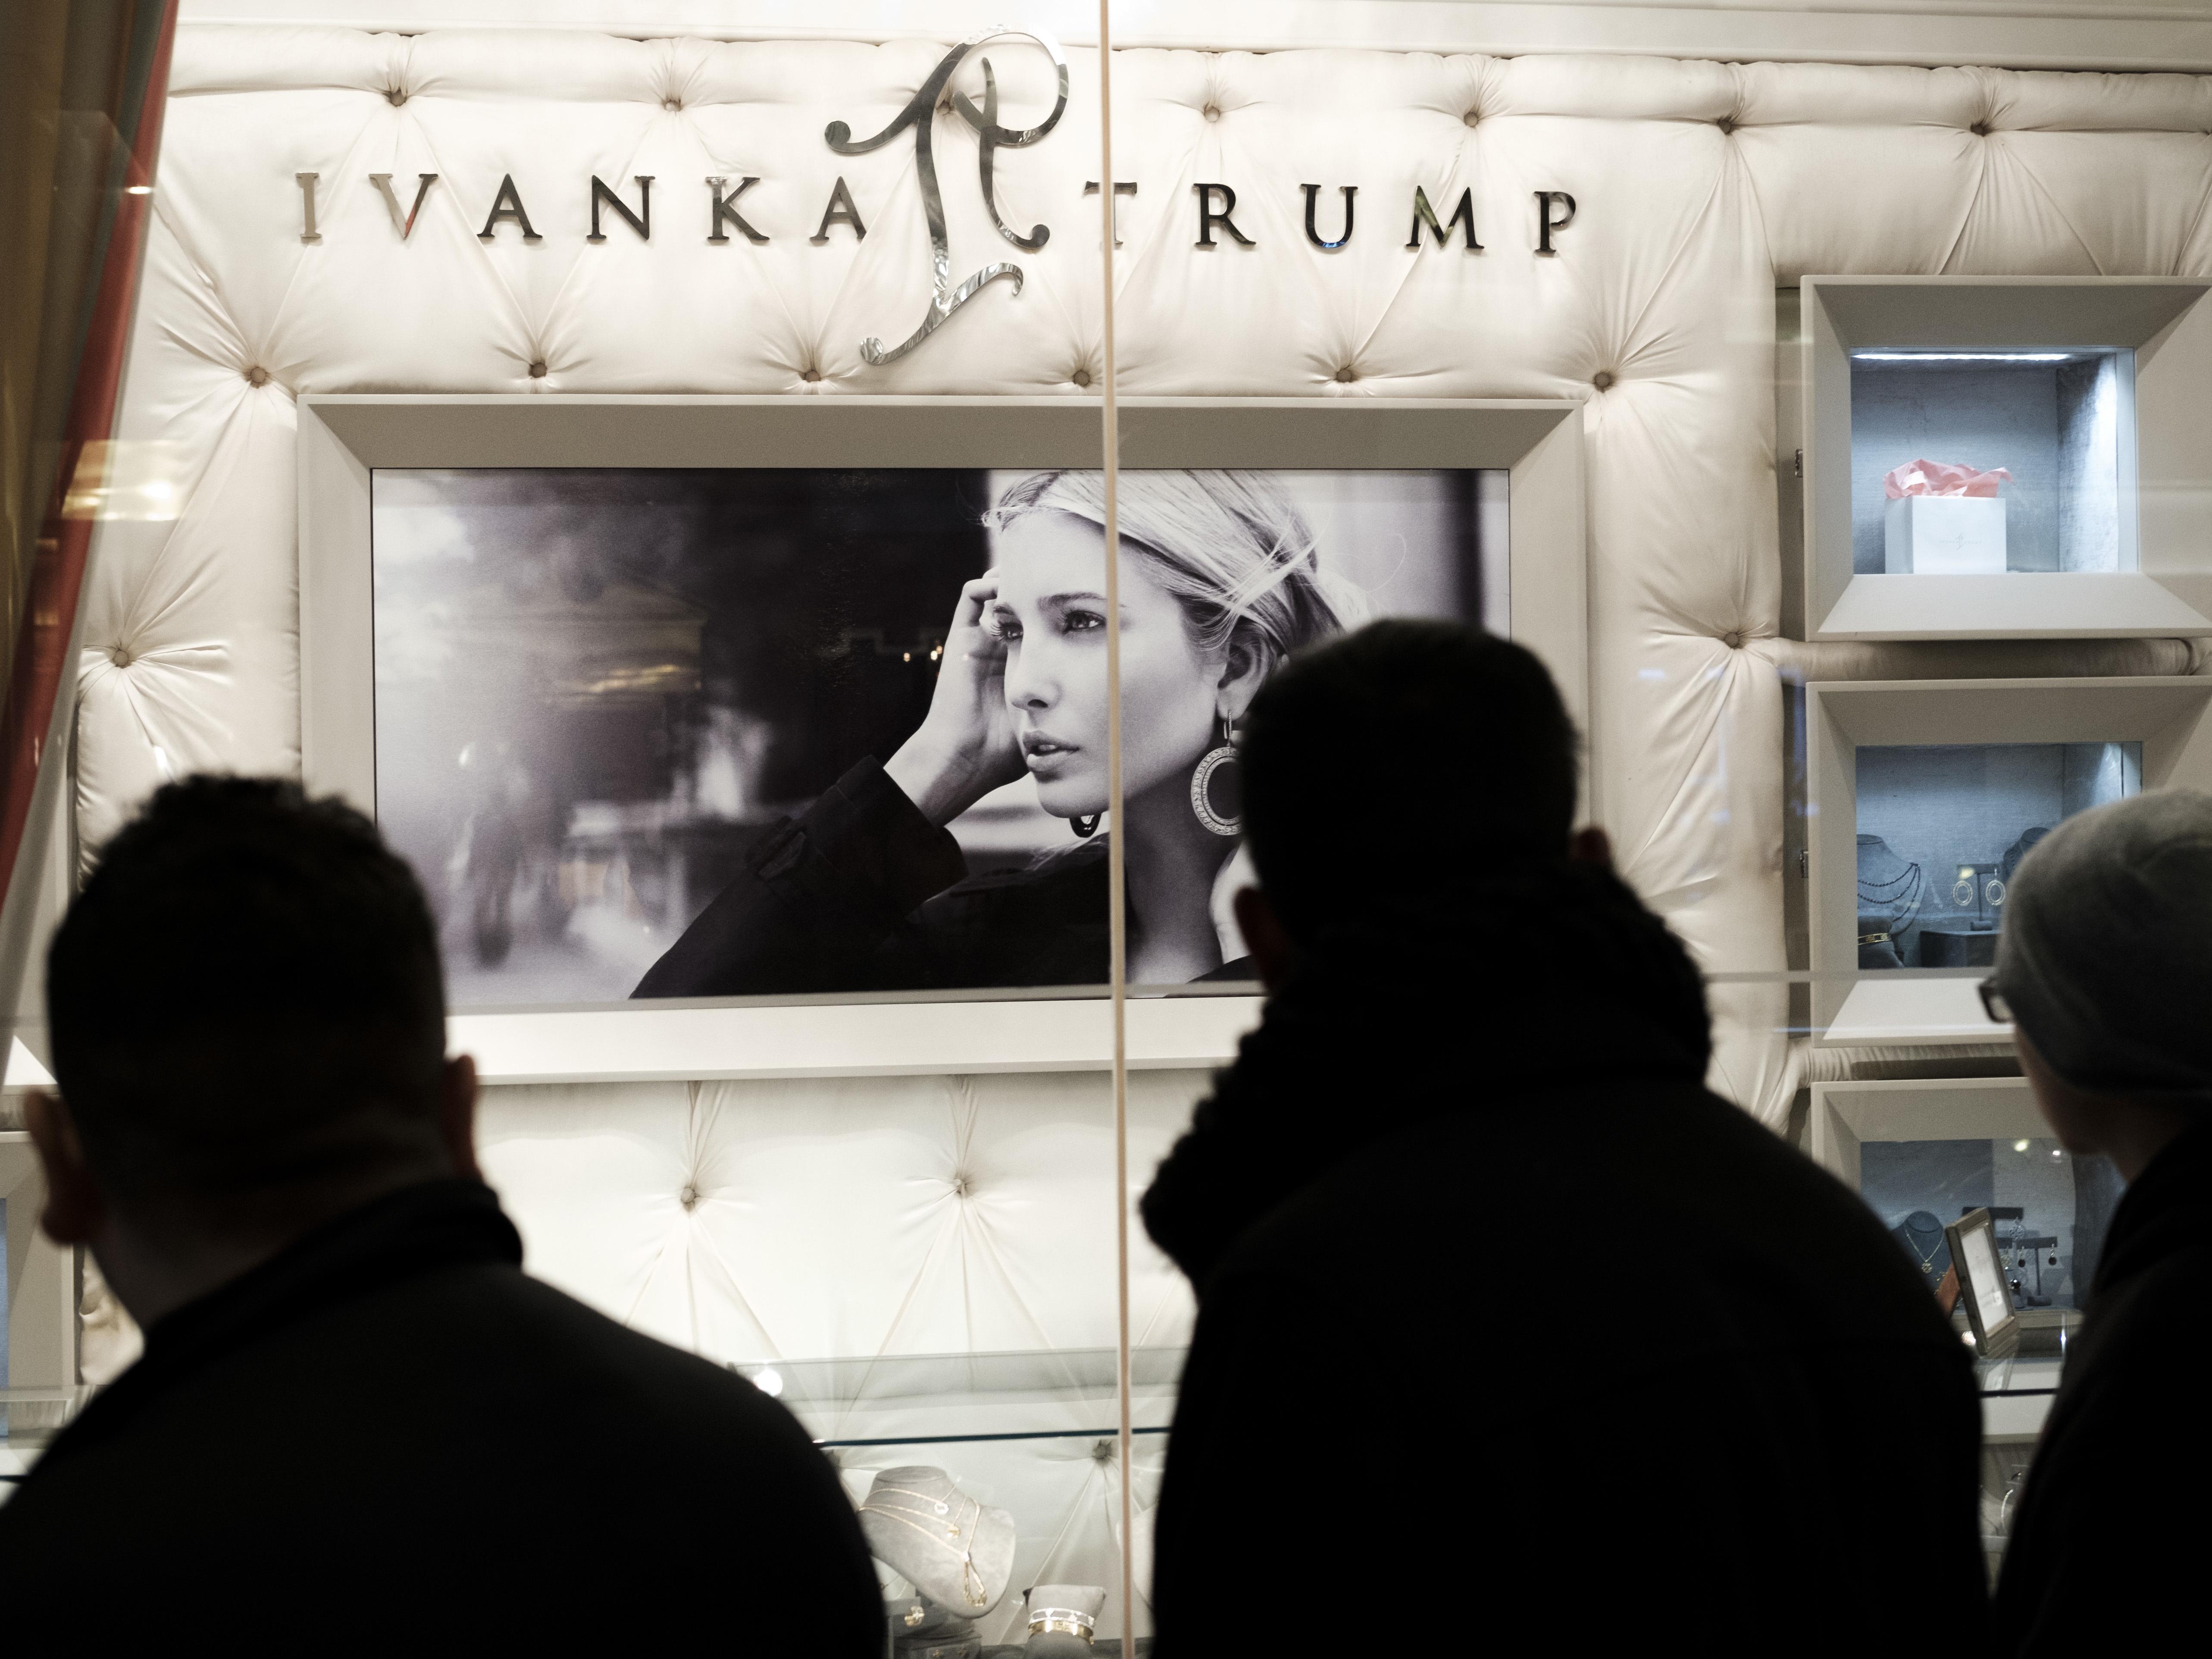 China Detains Activist Investigating Factory Making Ivanka Trump Shoes